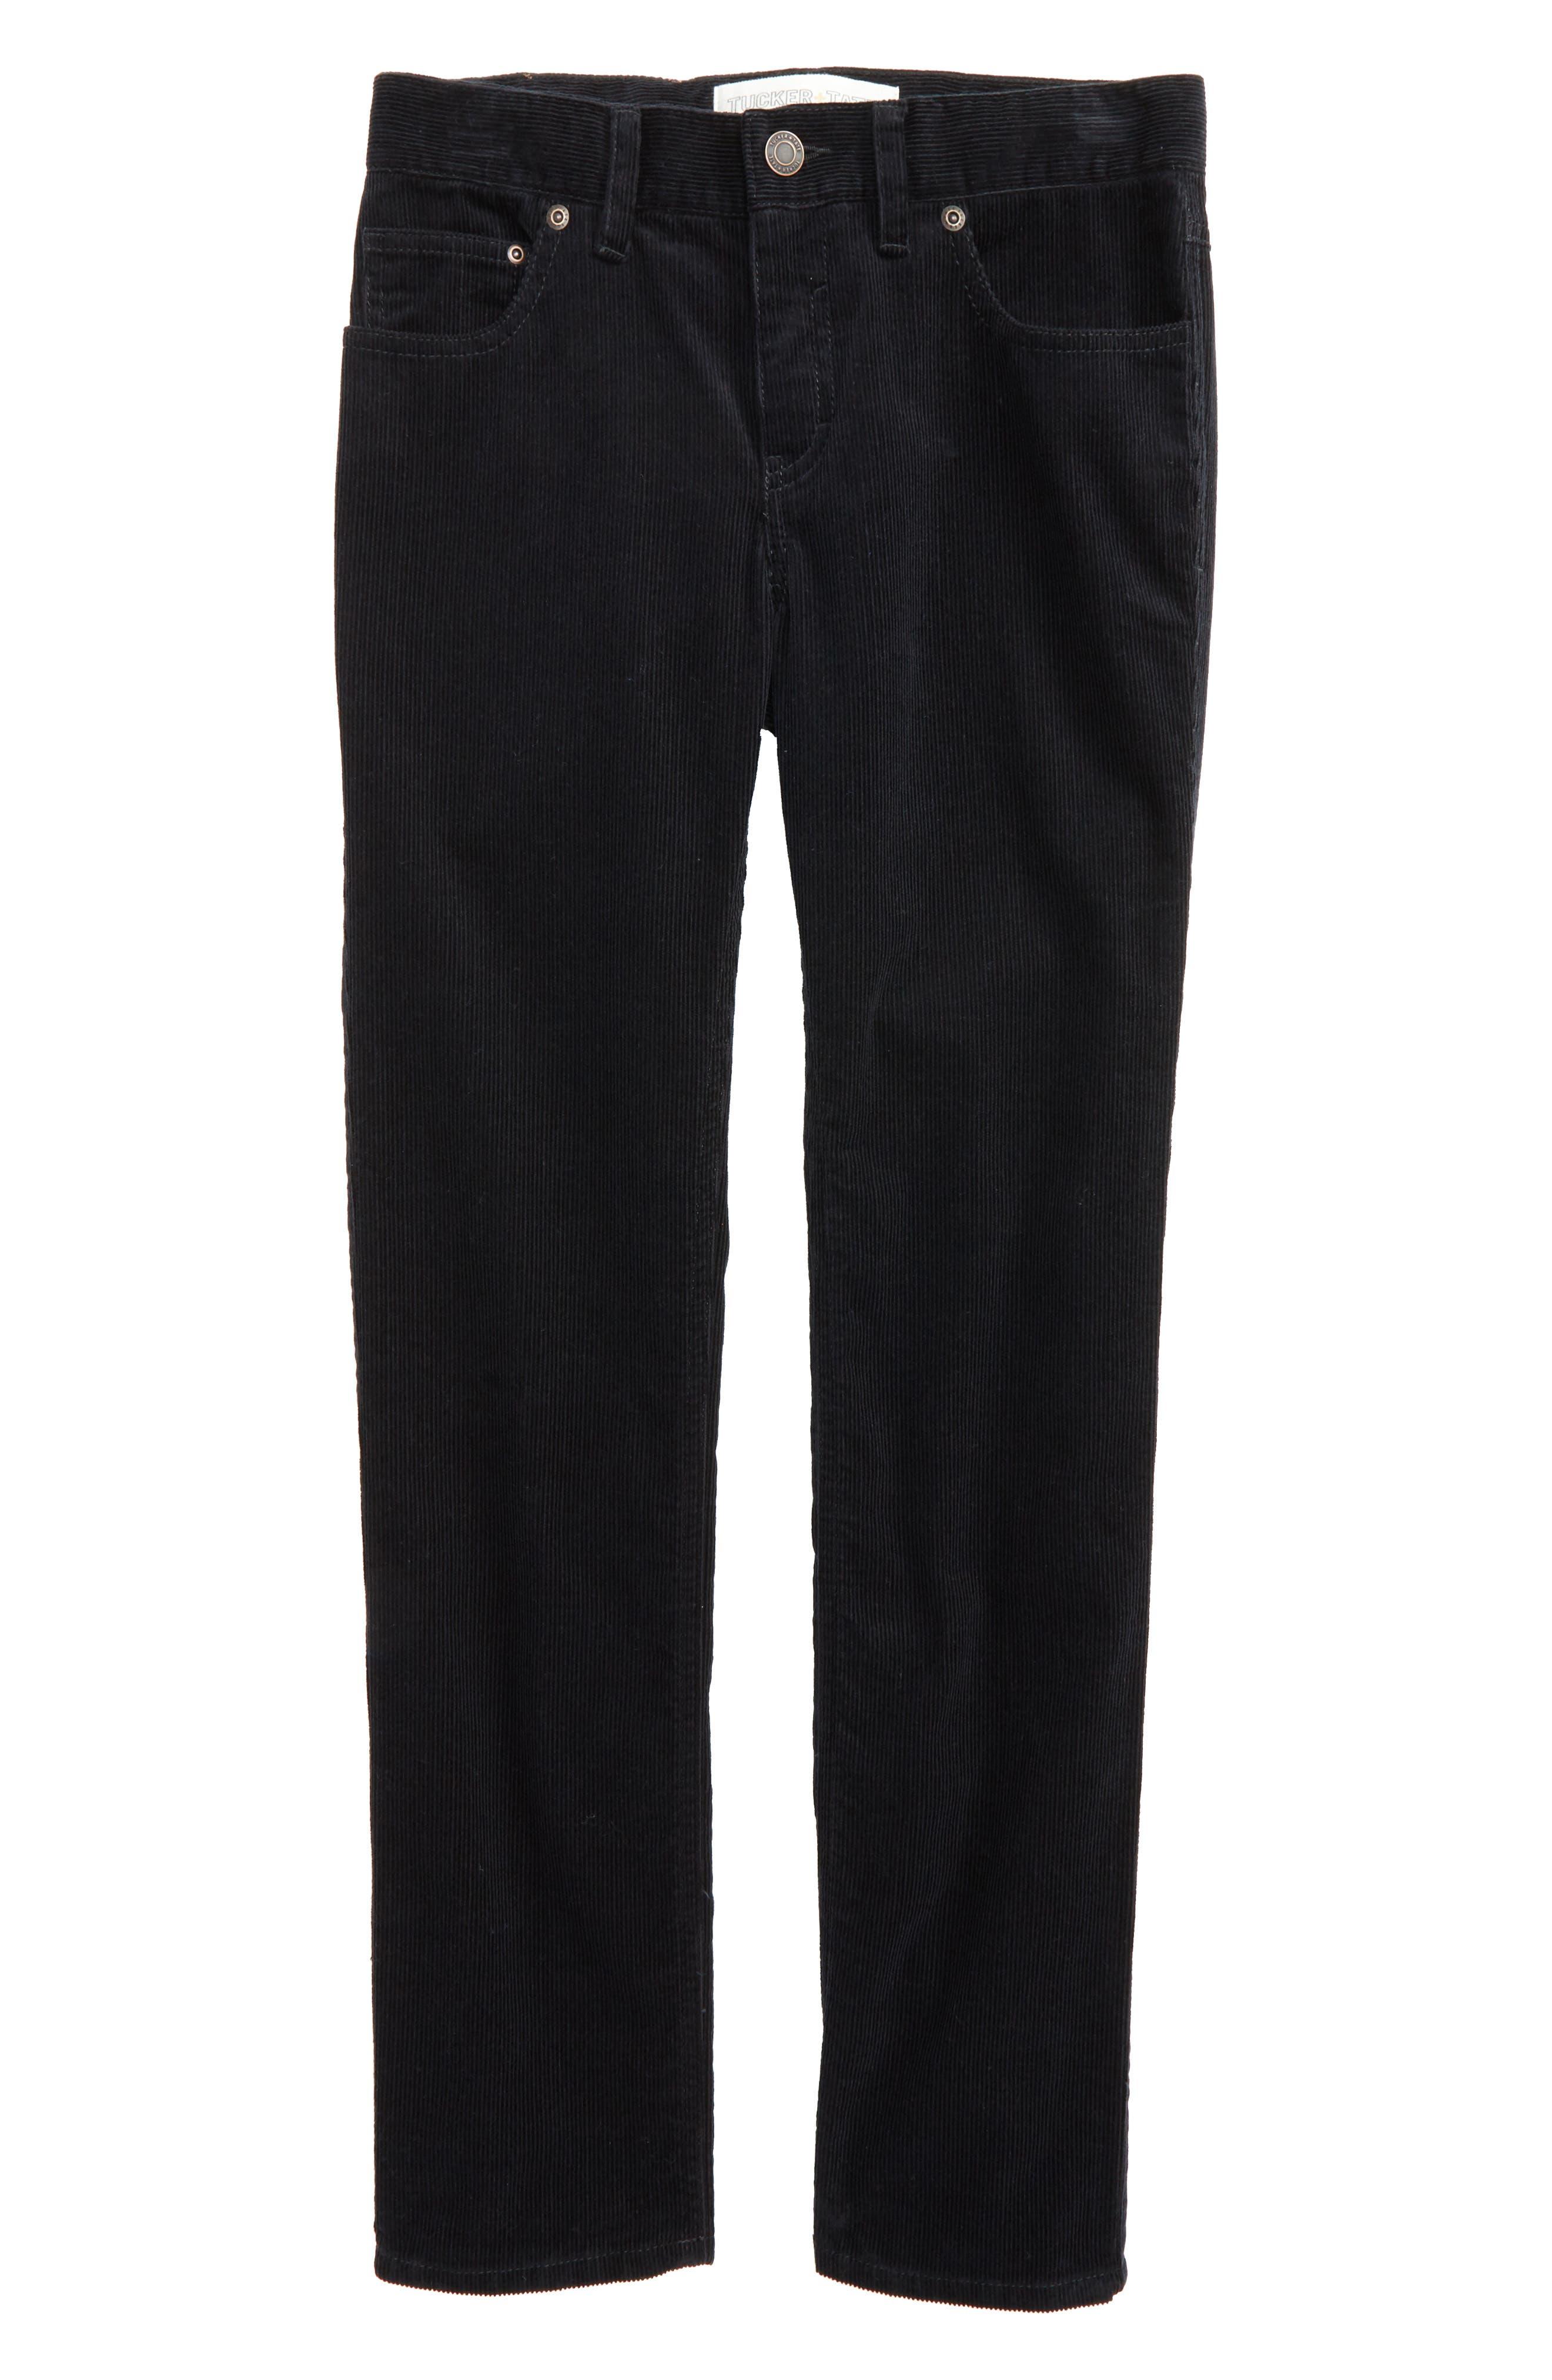 'Townsend' Corduroy Pants,                         Main,                         color, Black